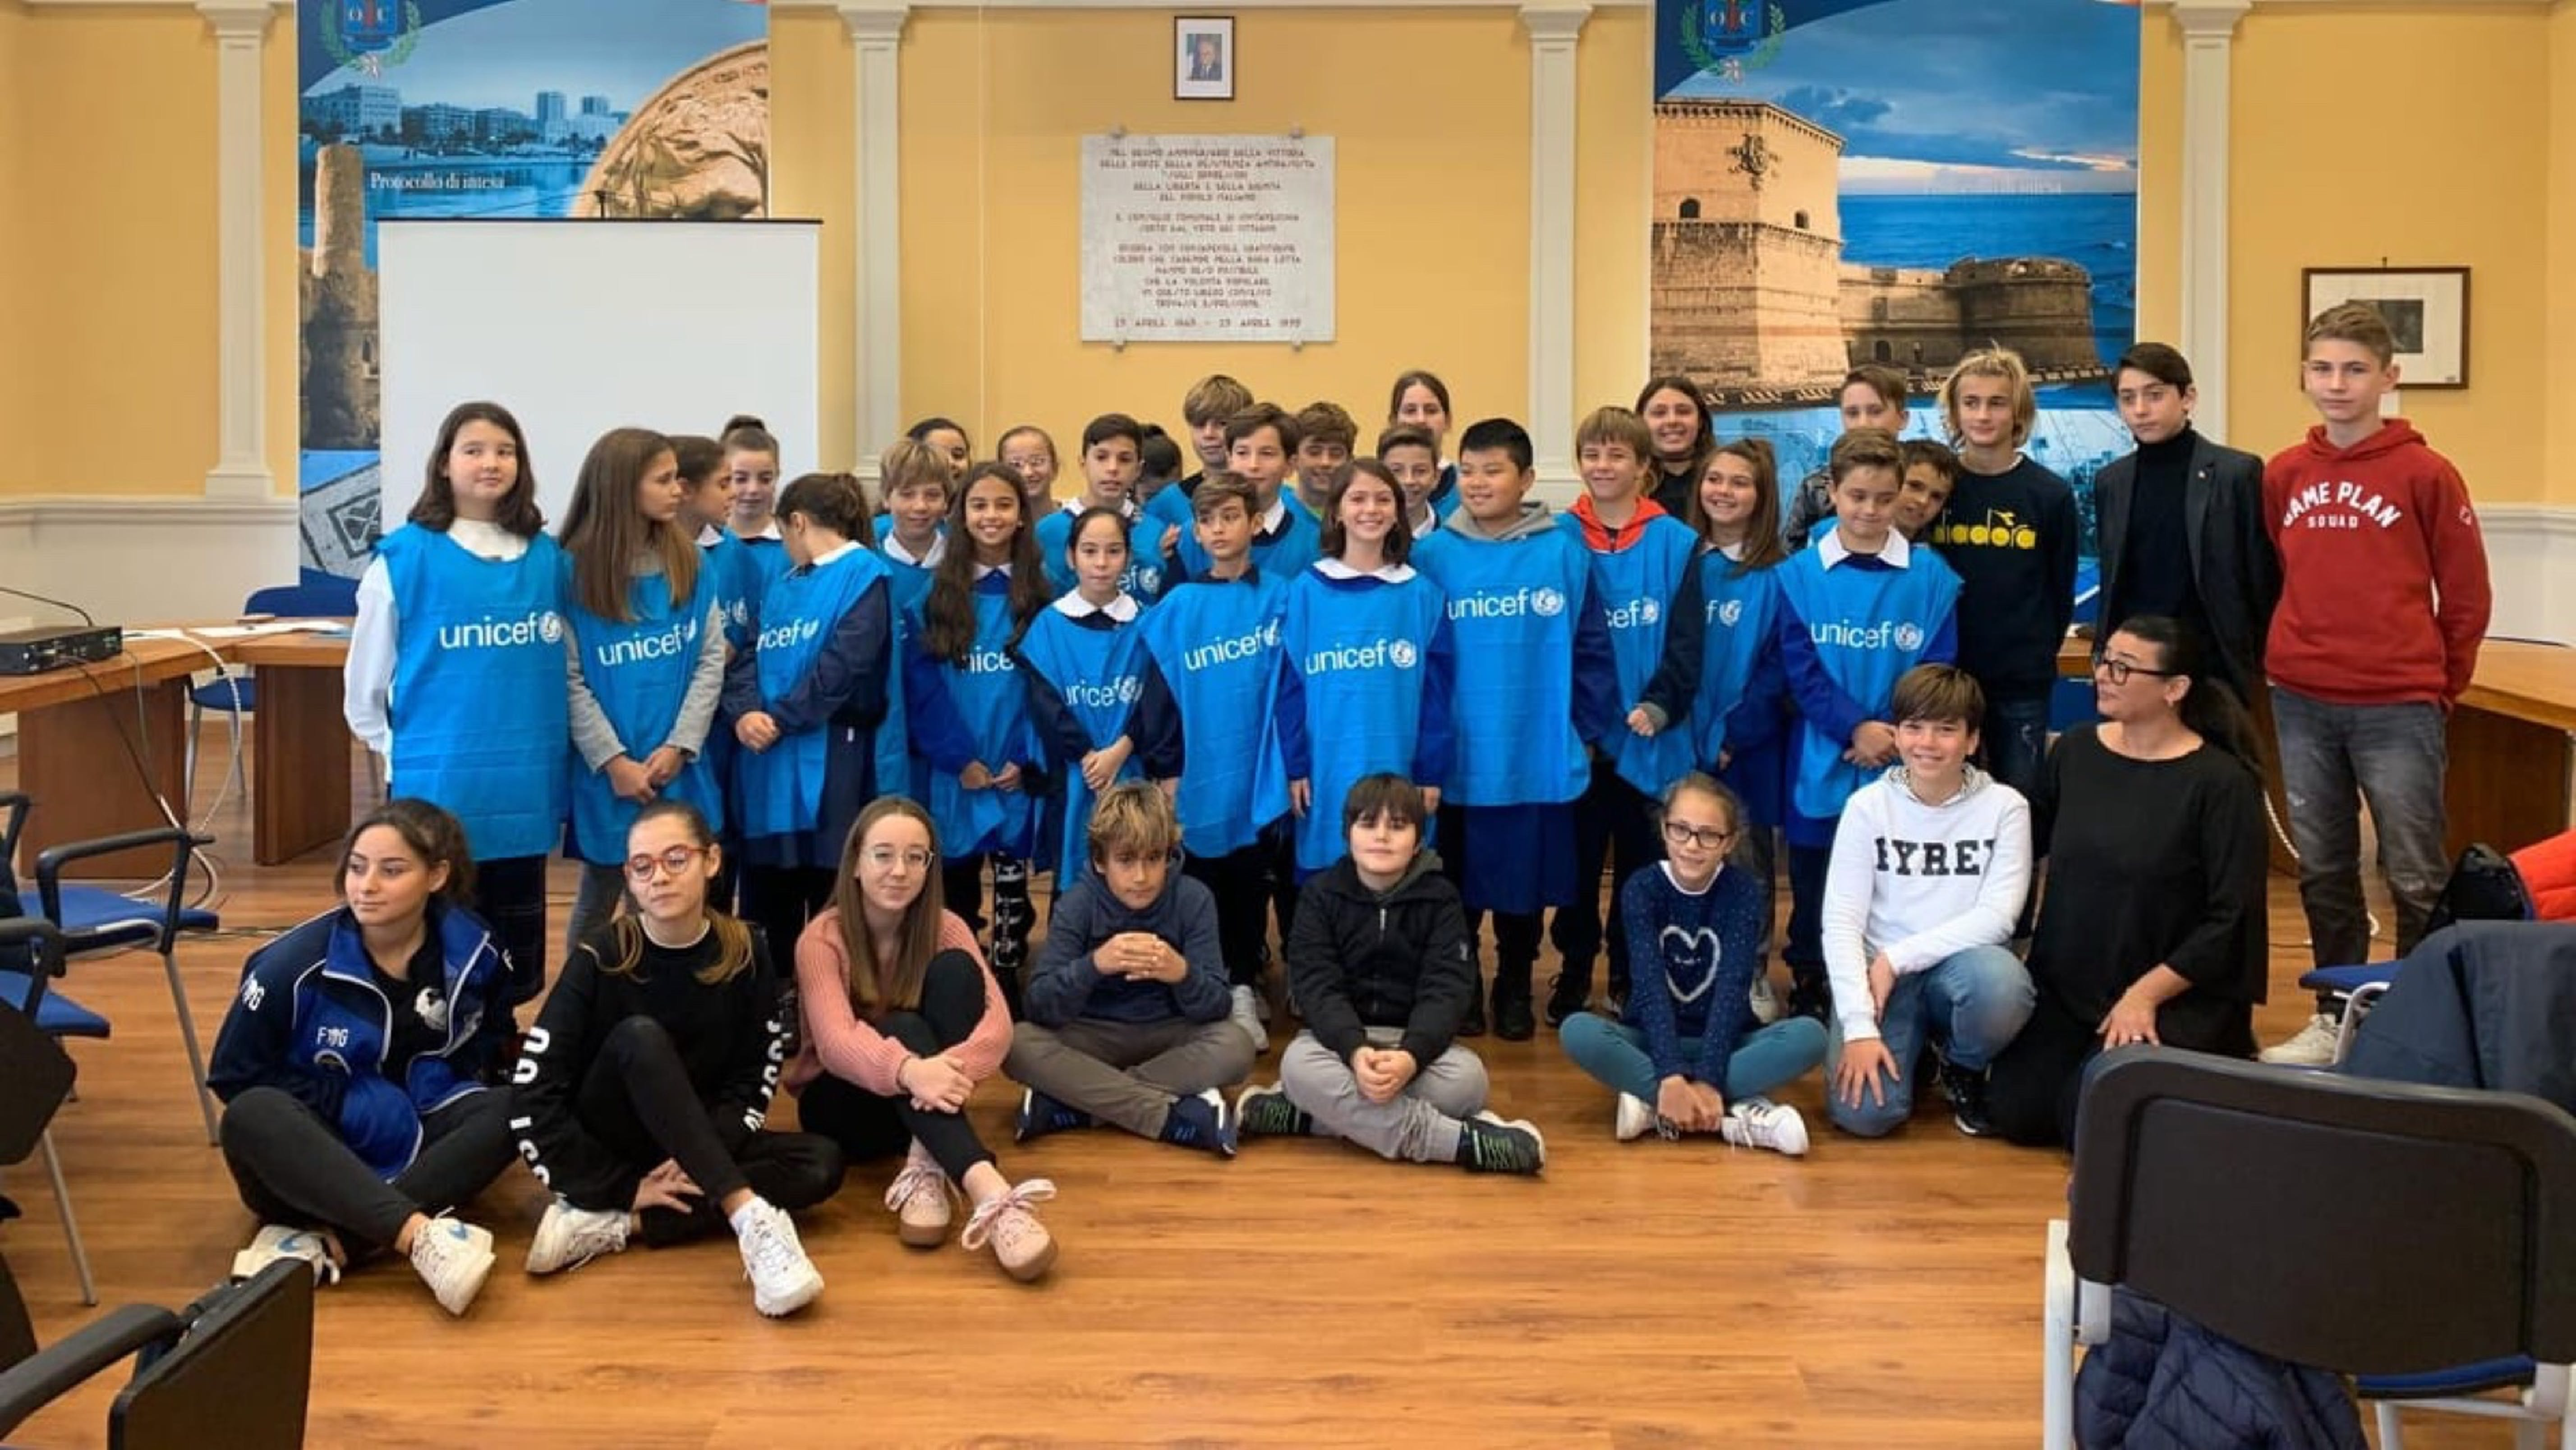 La scuola amica dell'UNICEF, Cialdi a Civitavecchia